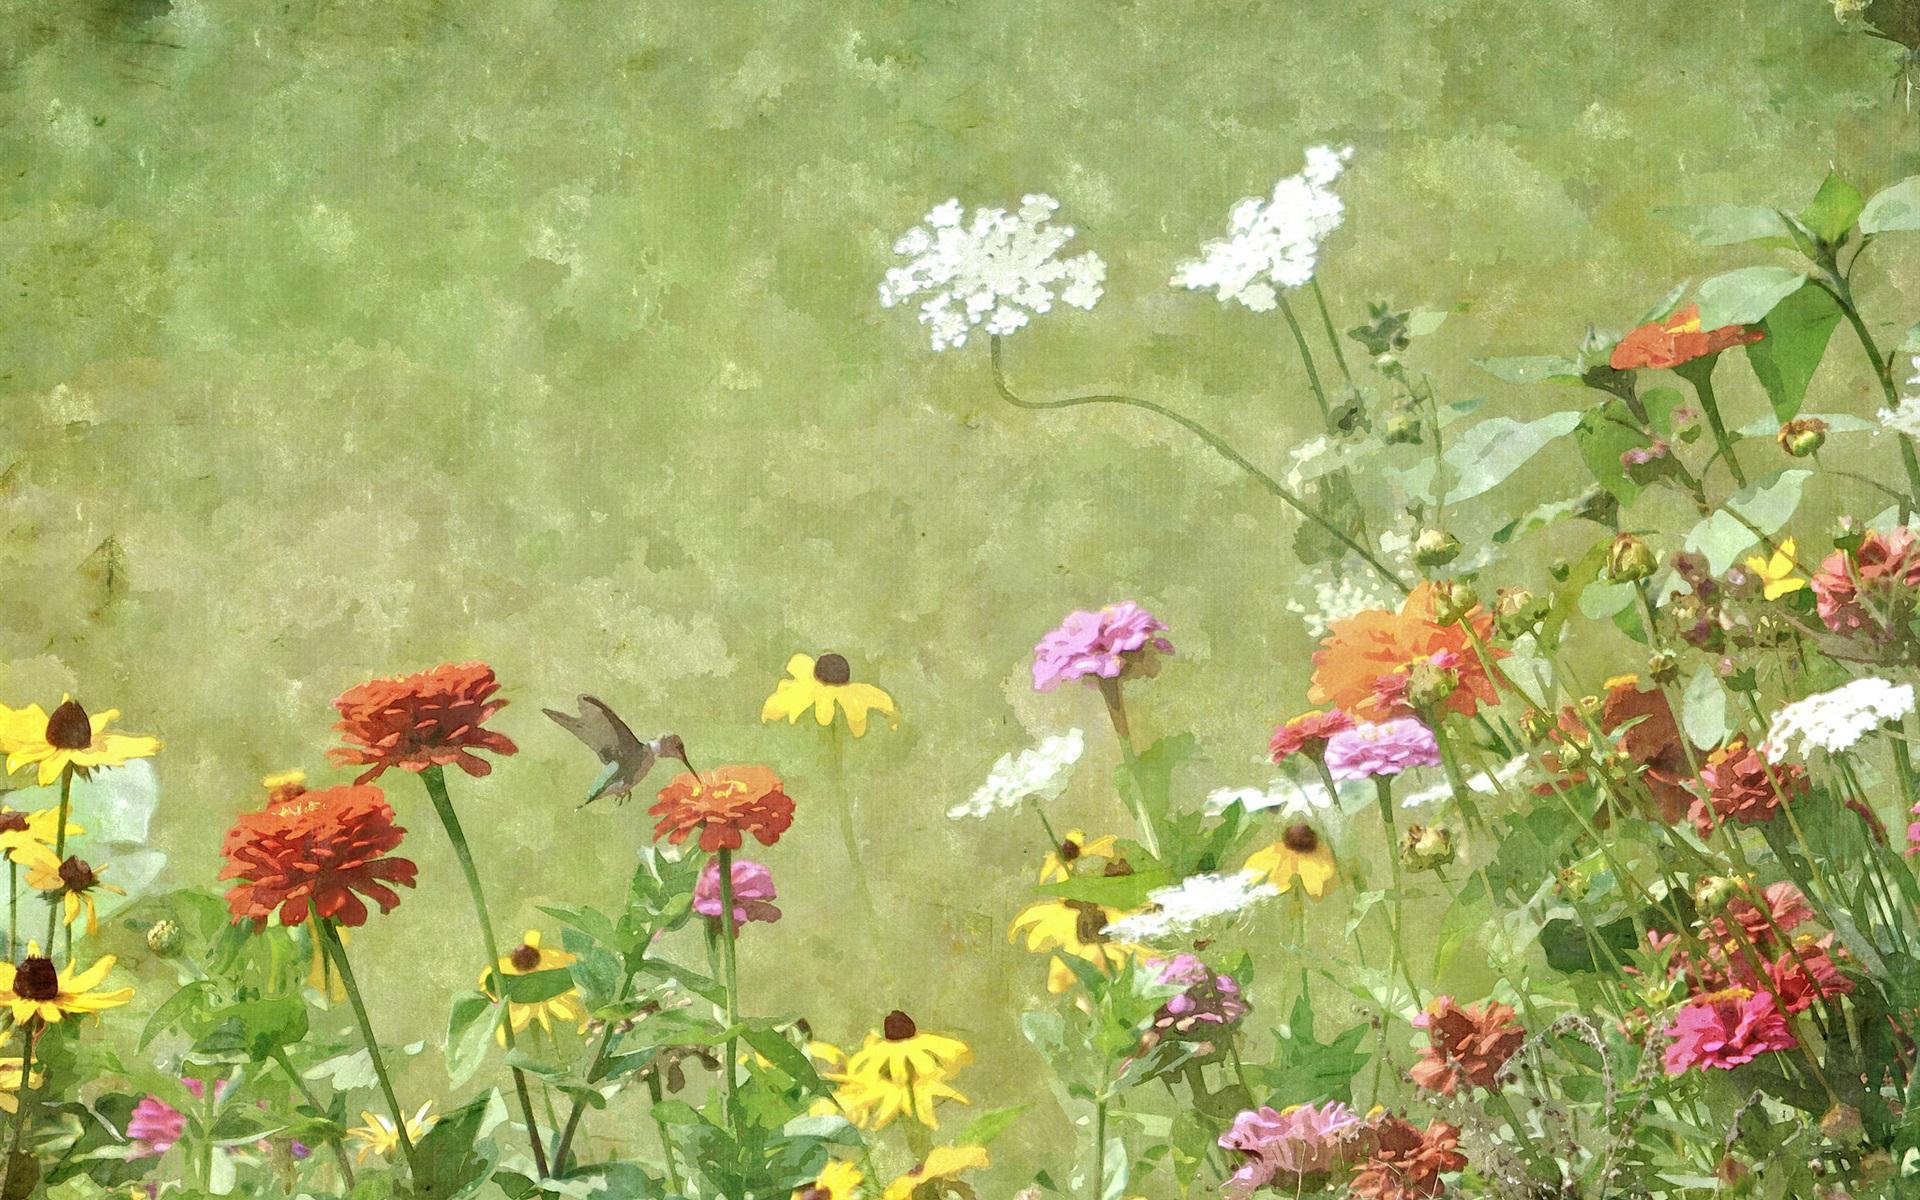 fonds d 39 cran aquarelle peinture fleurs colibri printemps 1920x1200 hd image. Black Bedroom Furniture Sets. Home Design Ideas